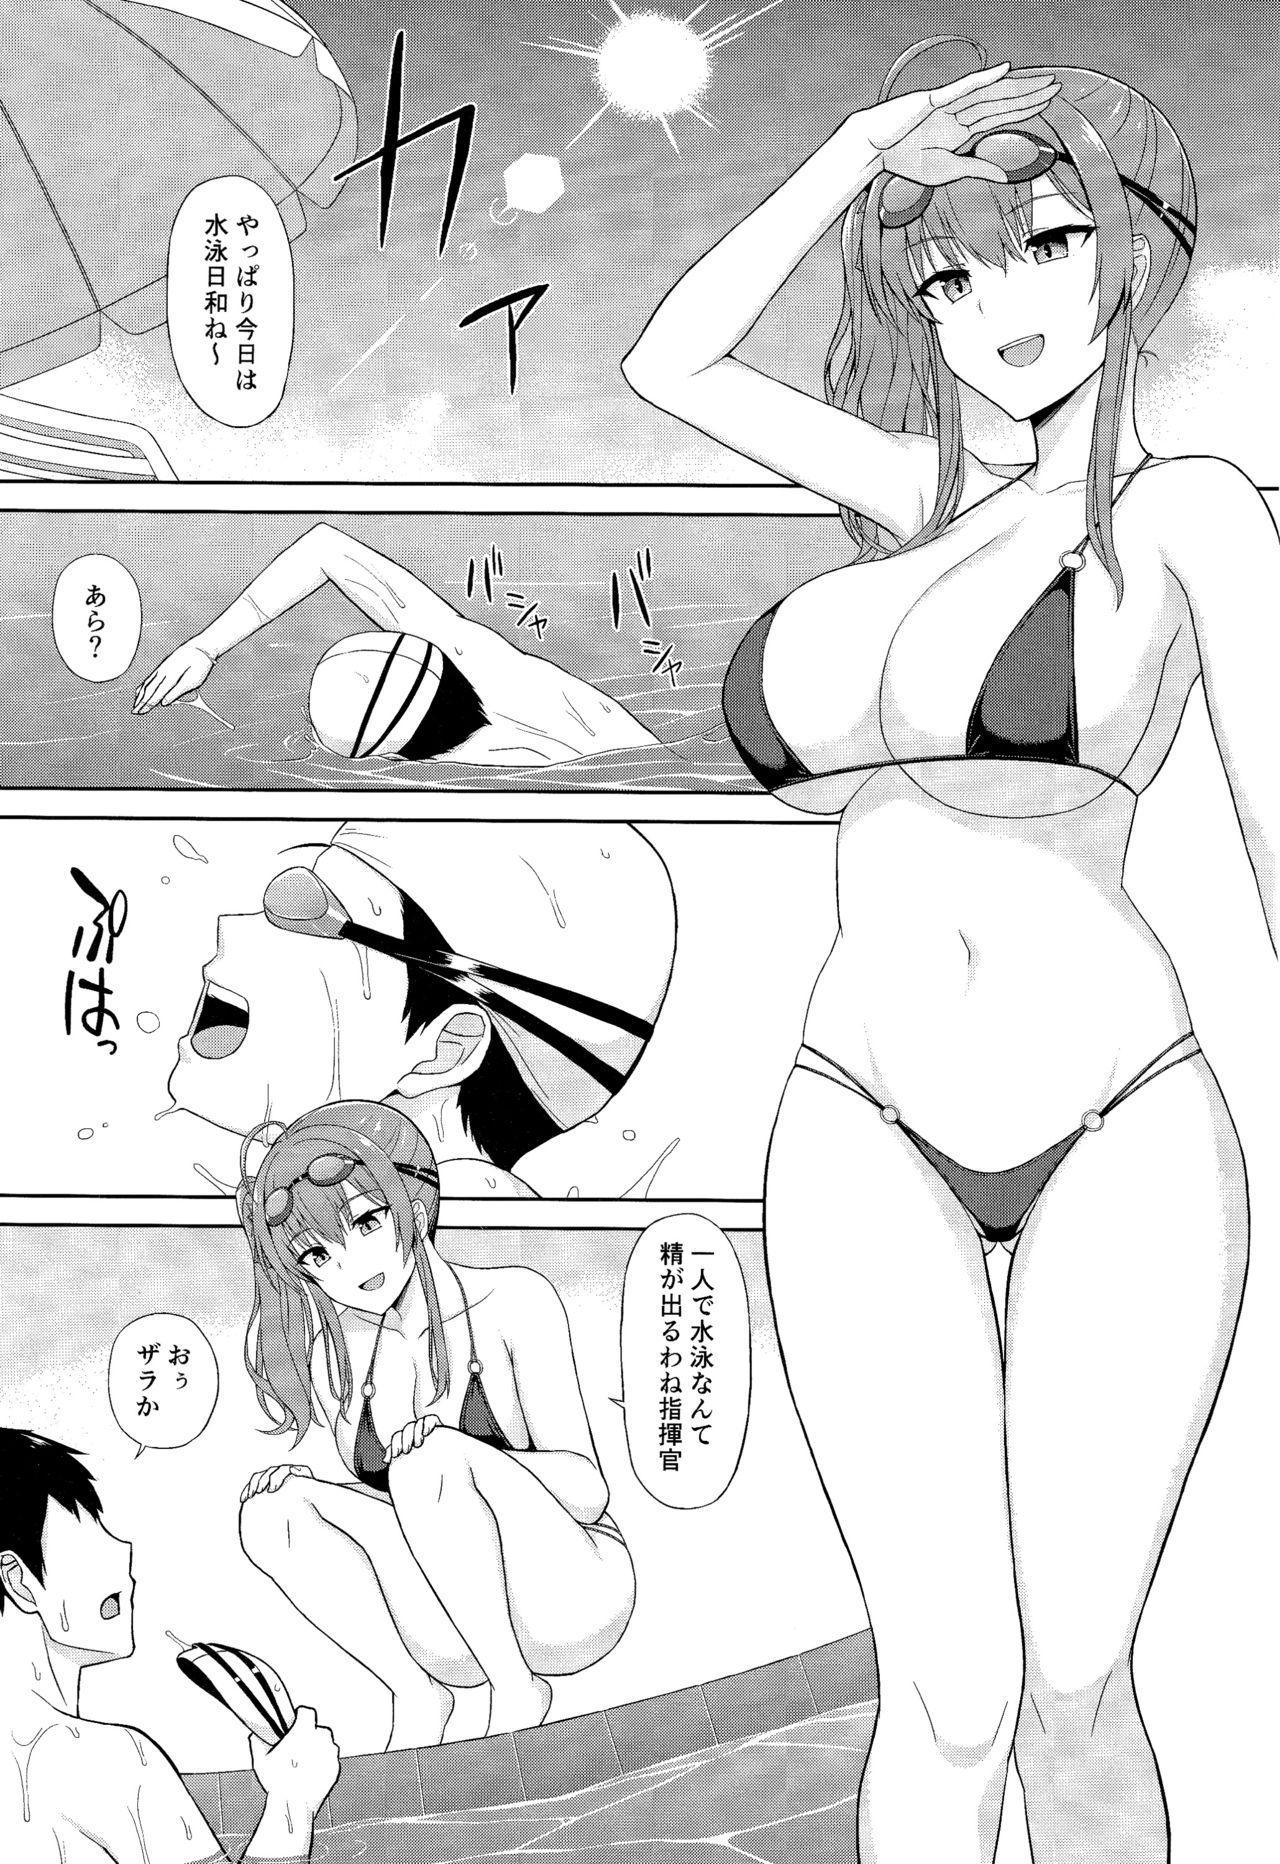 Zara to Miwaku no Poolside 1